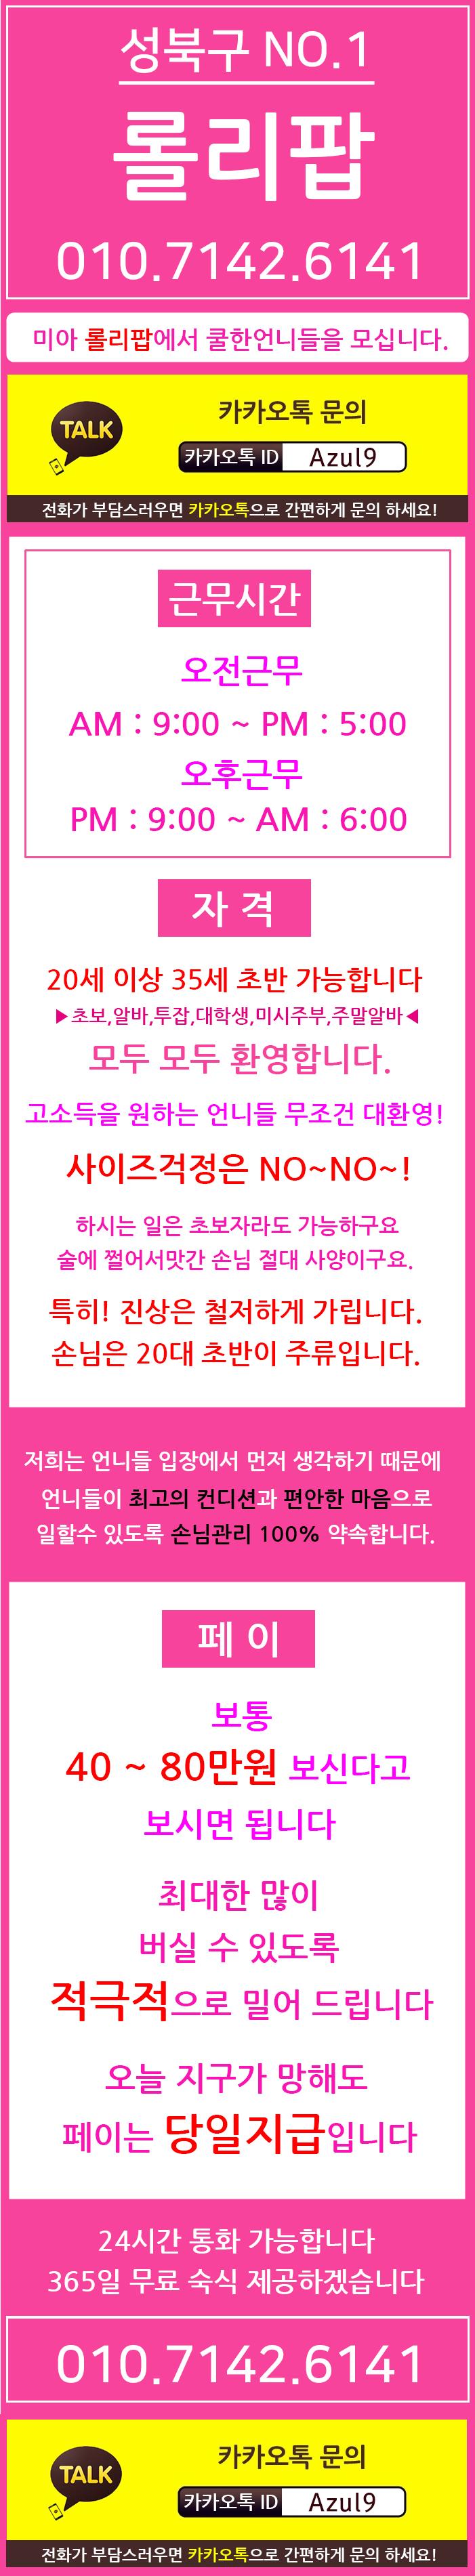 유흥알바 롤리팝